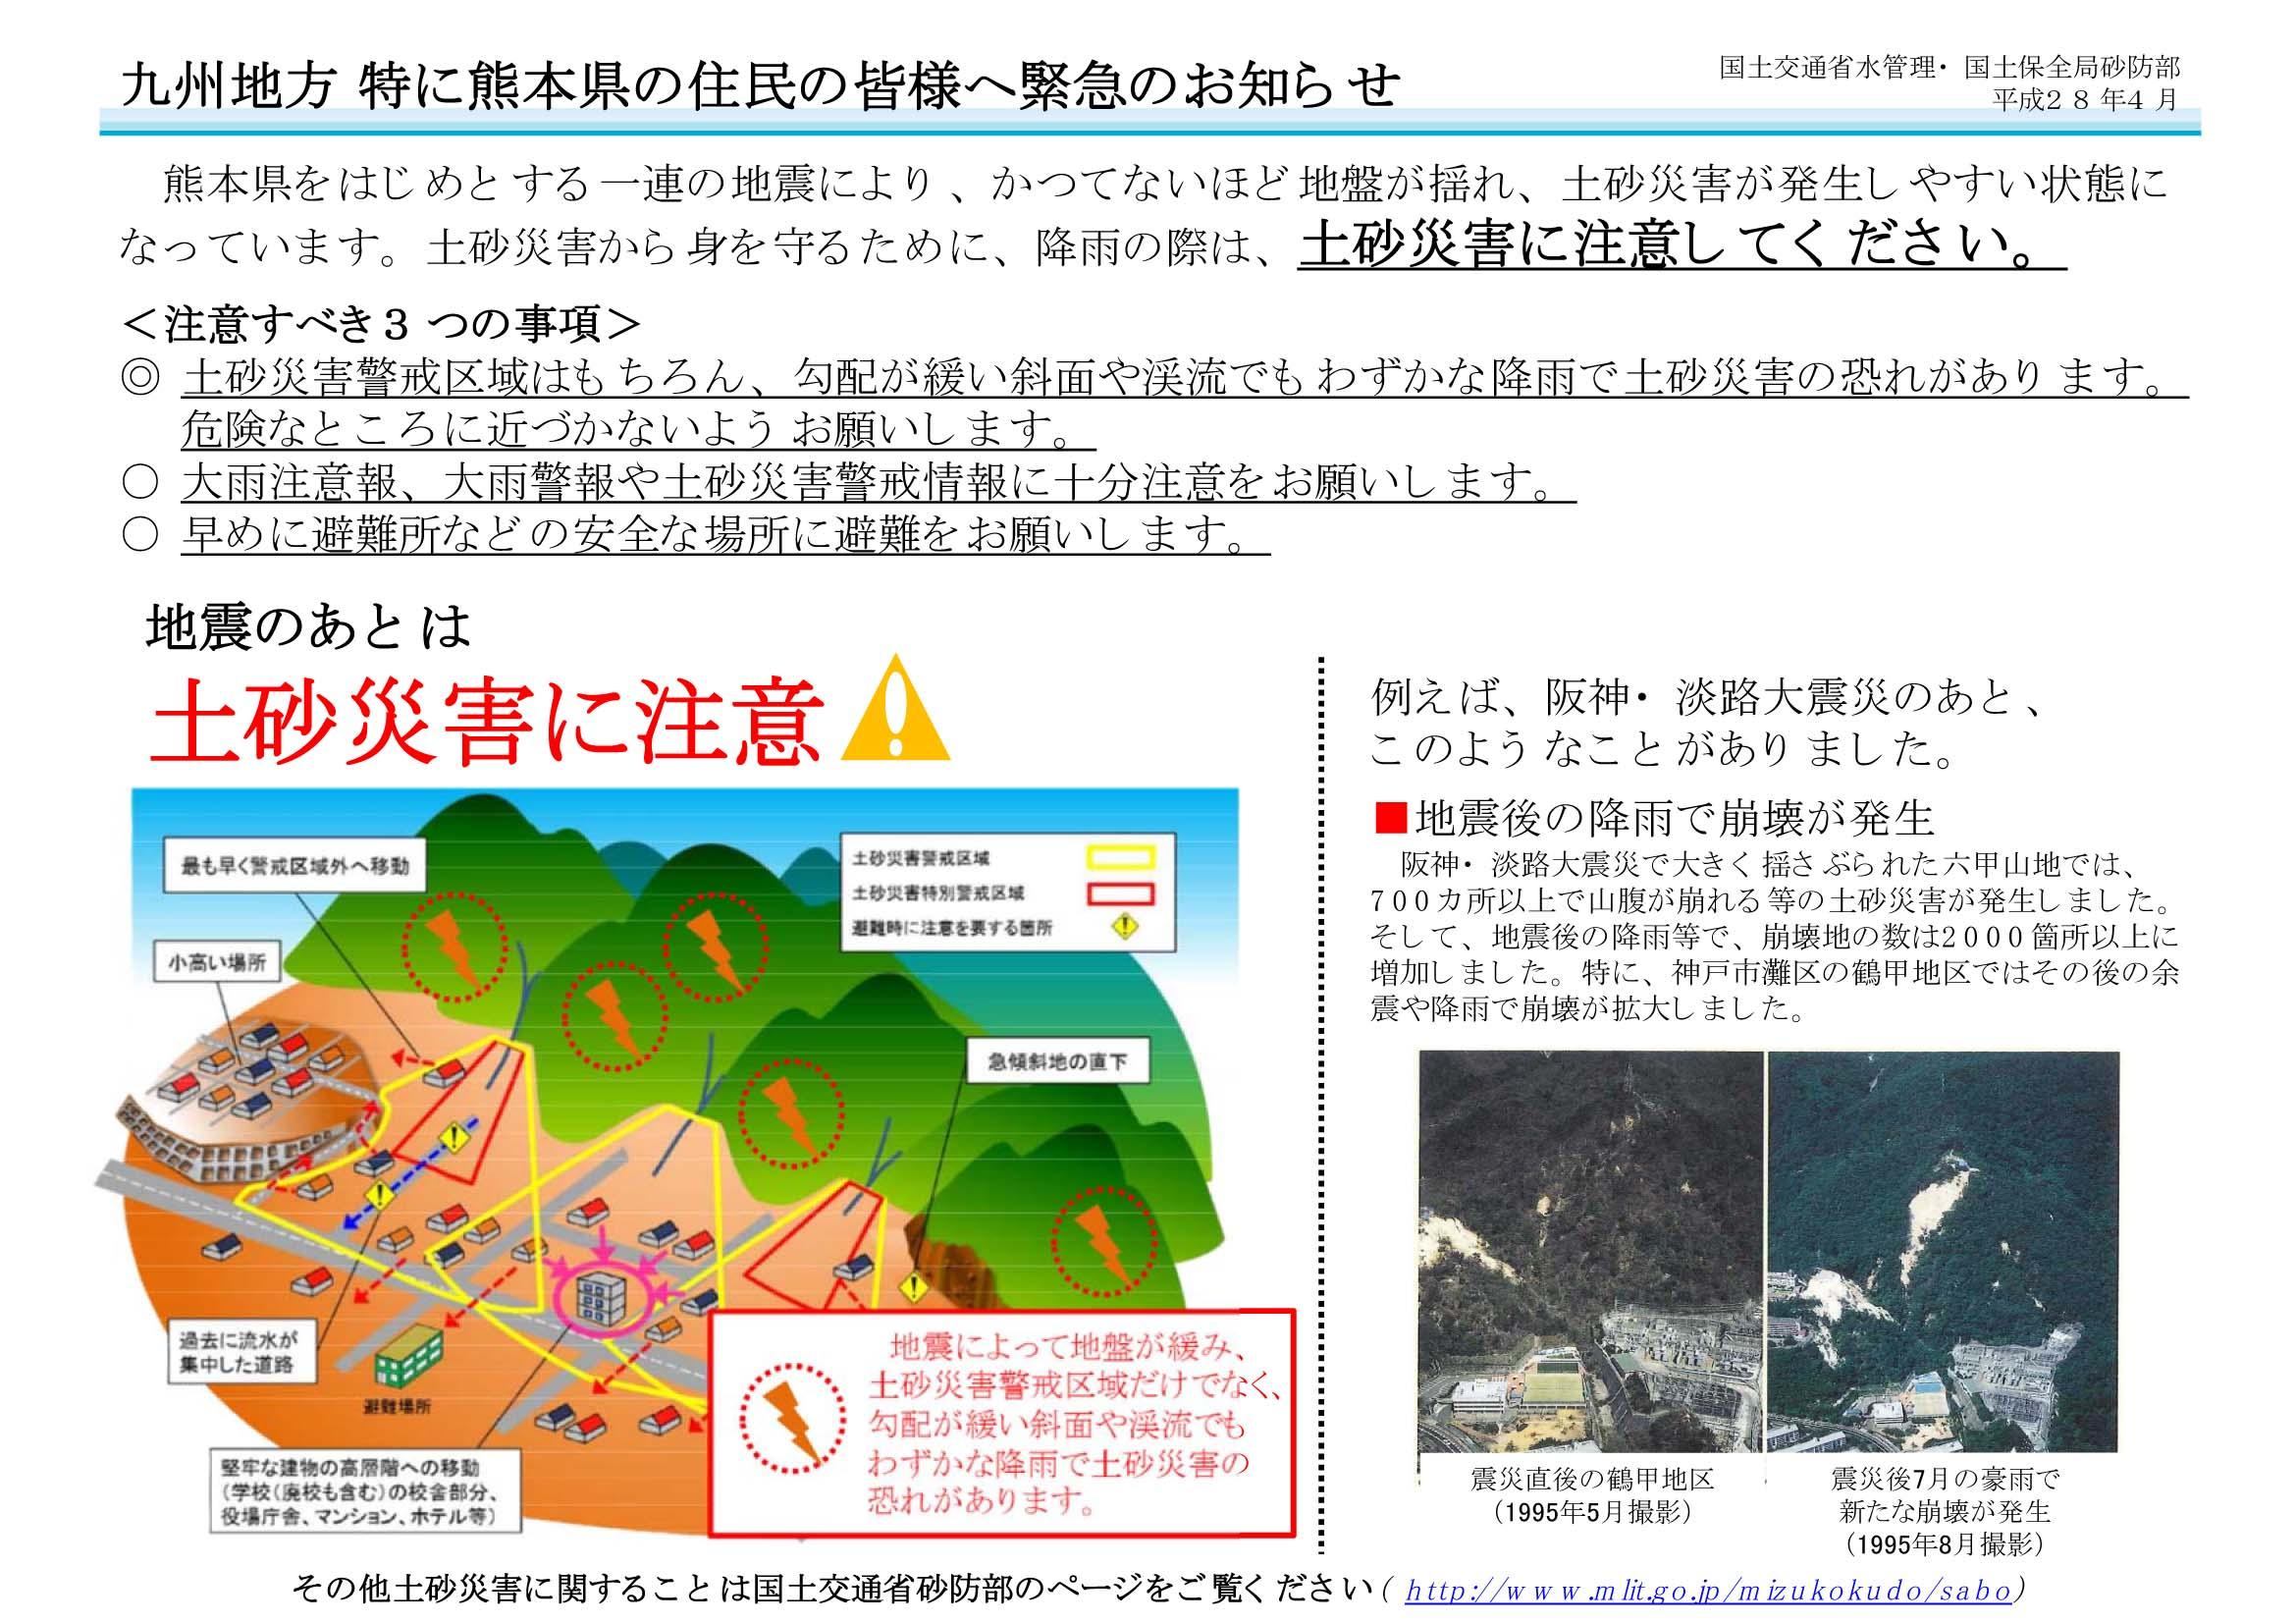 土砂災害警戒区域について_d0061857_19475477.jpg